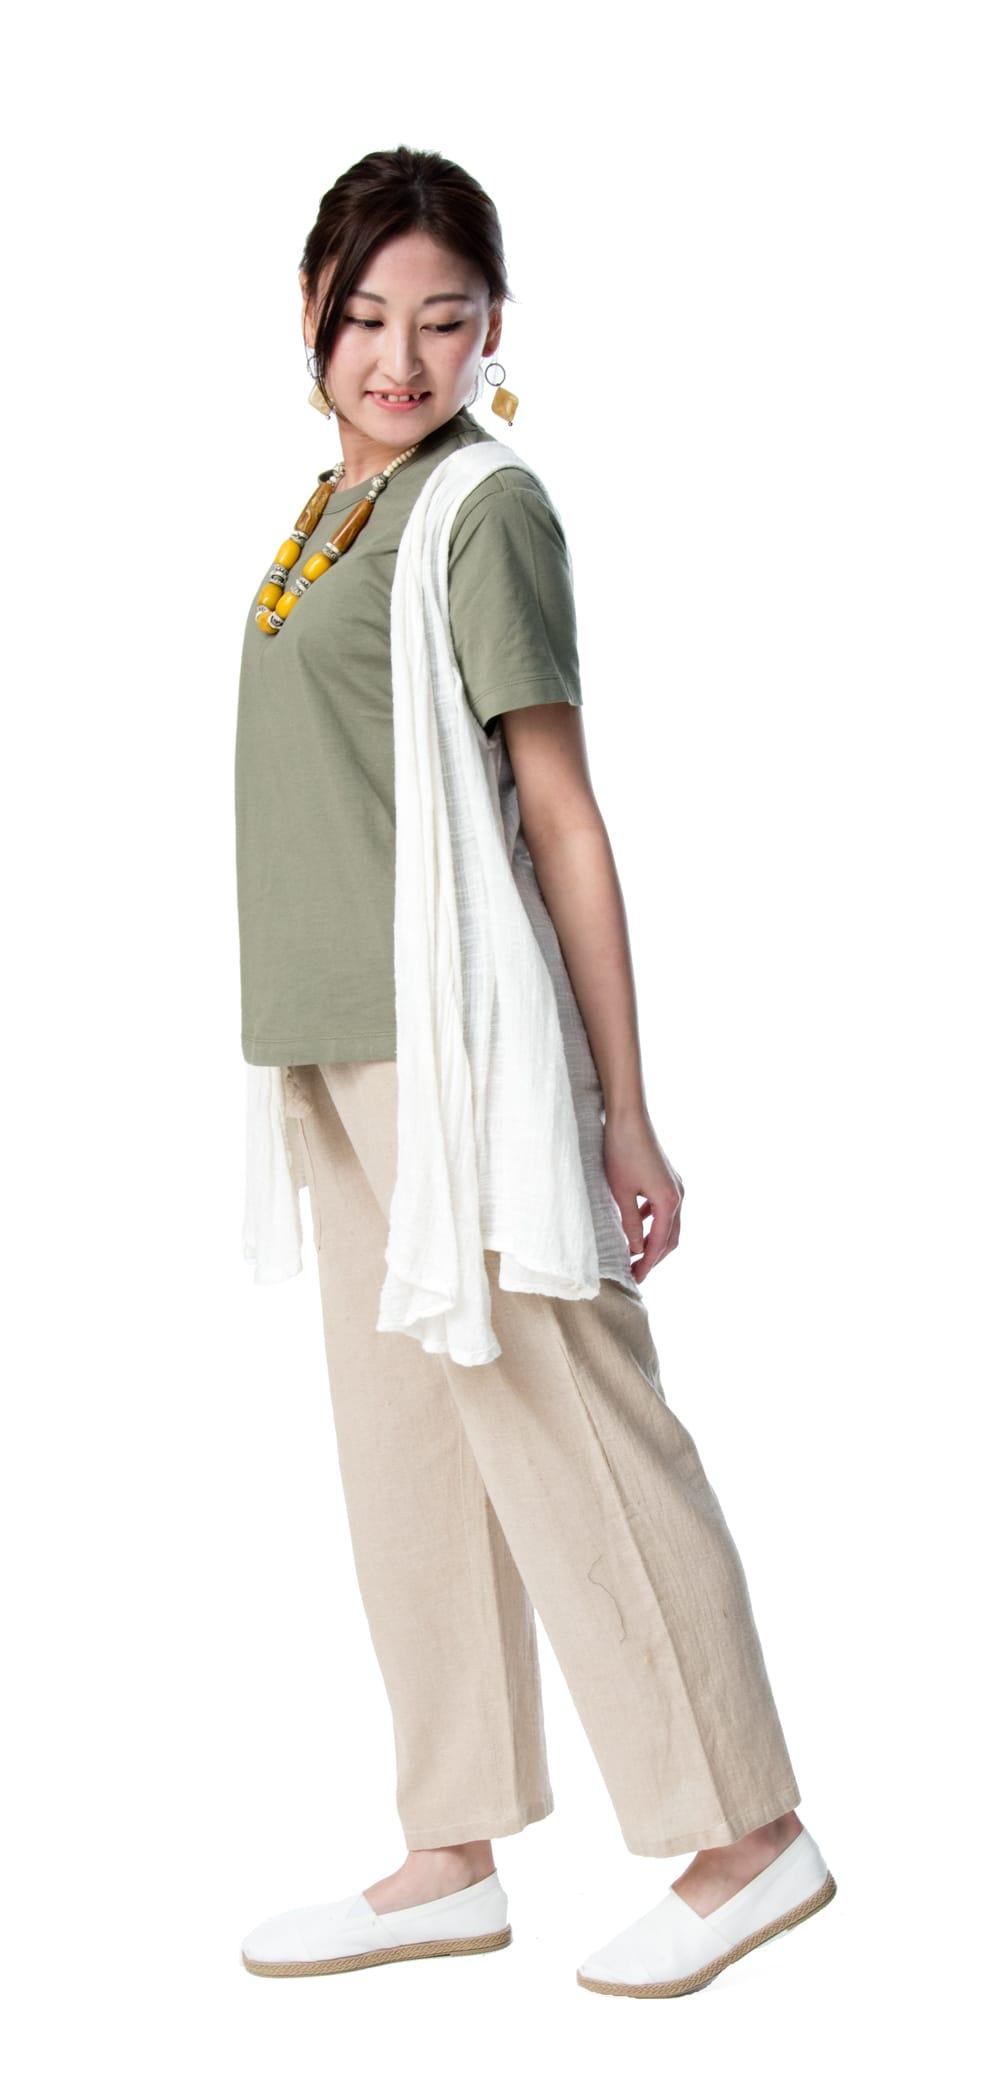 やわらかコットンのシンプルストレートパンツ 4 - 身長159cmのモデル着用例です。選択4:きなり